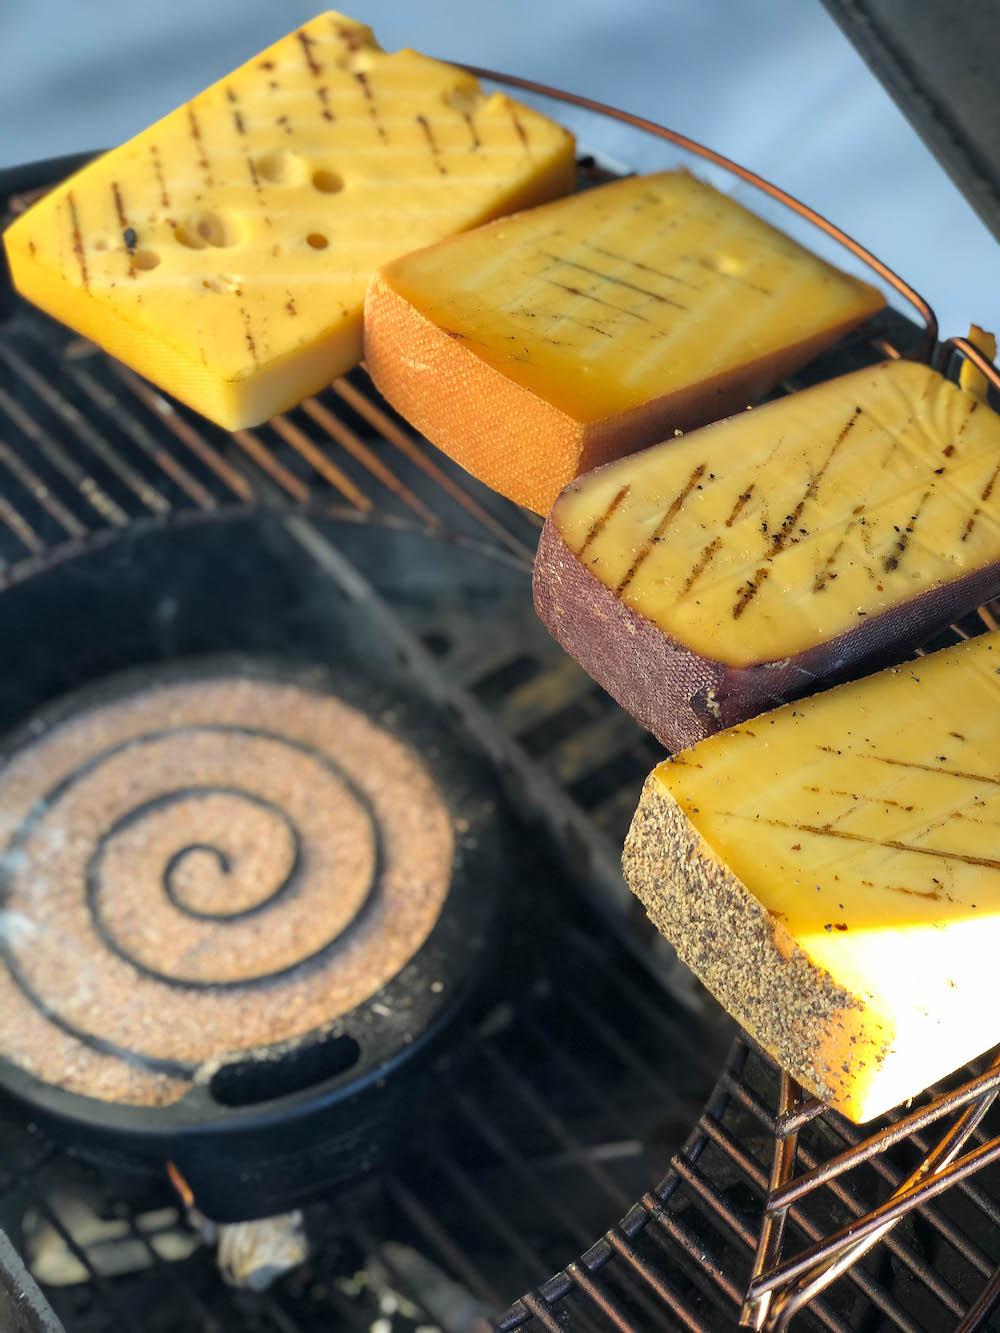 Der Kaltraucherzeuger im Einsatz beim Käse räuchern